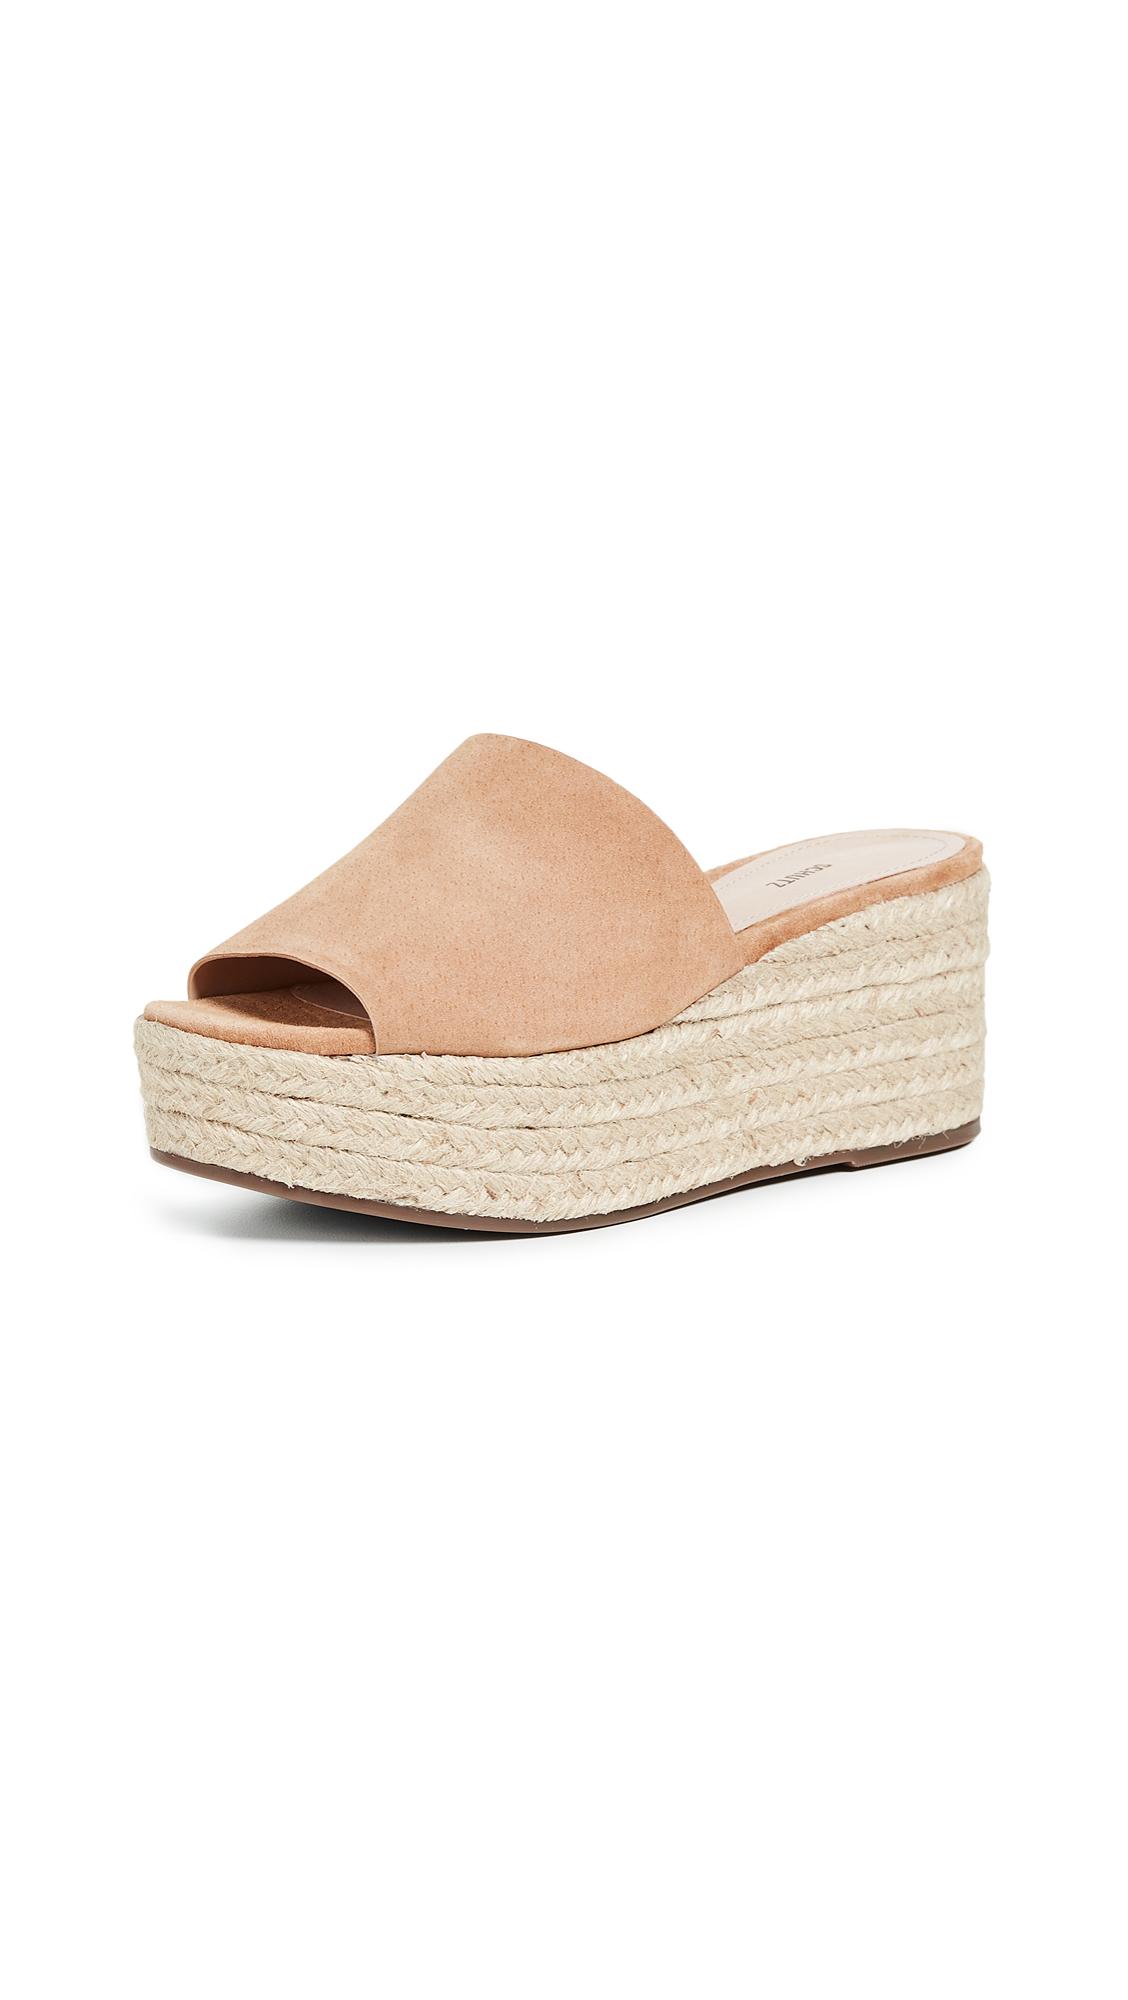 Schutz Thalia Flatform Sandals - Desert